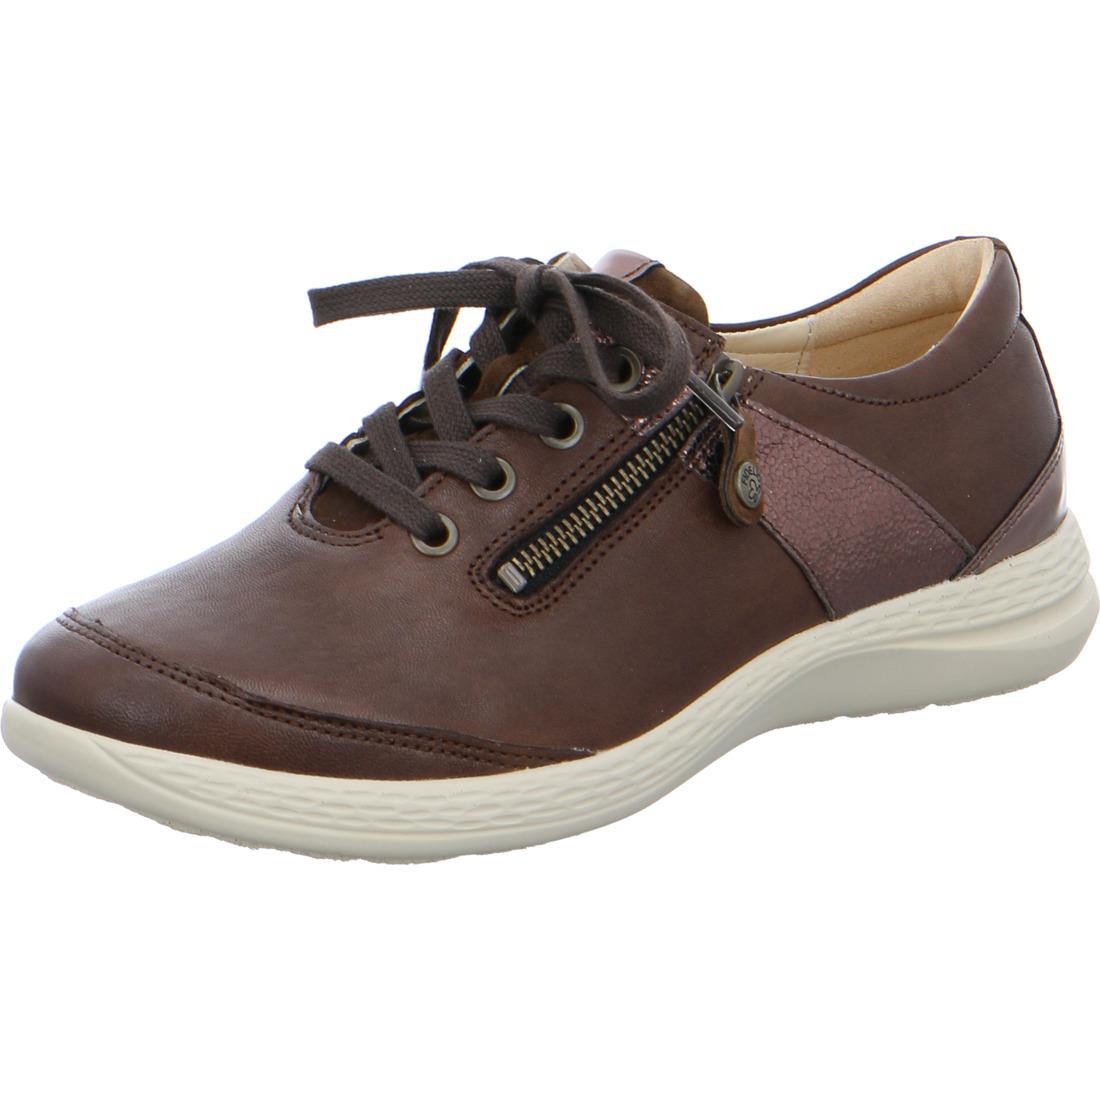 Fidelio Hallux Schuhe Schnürer u Reißverschluss Damen Leder